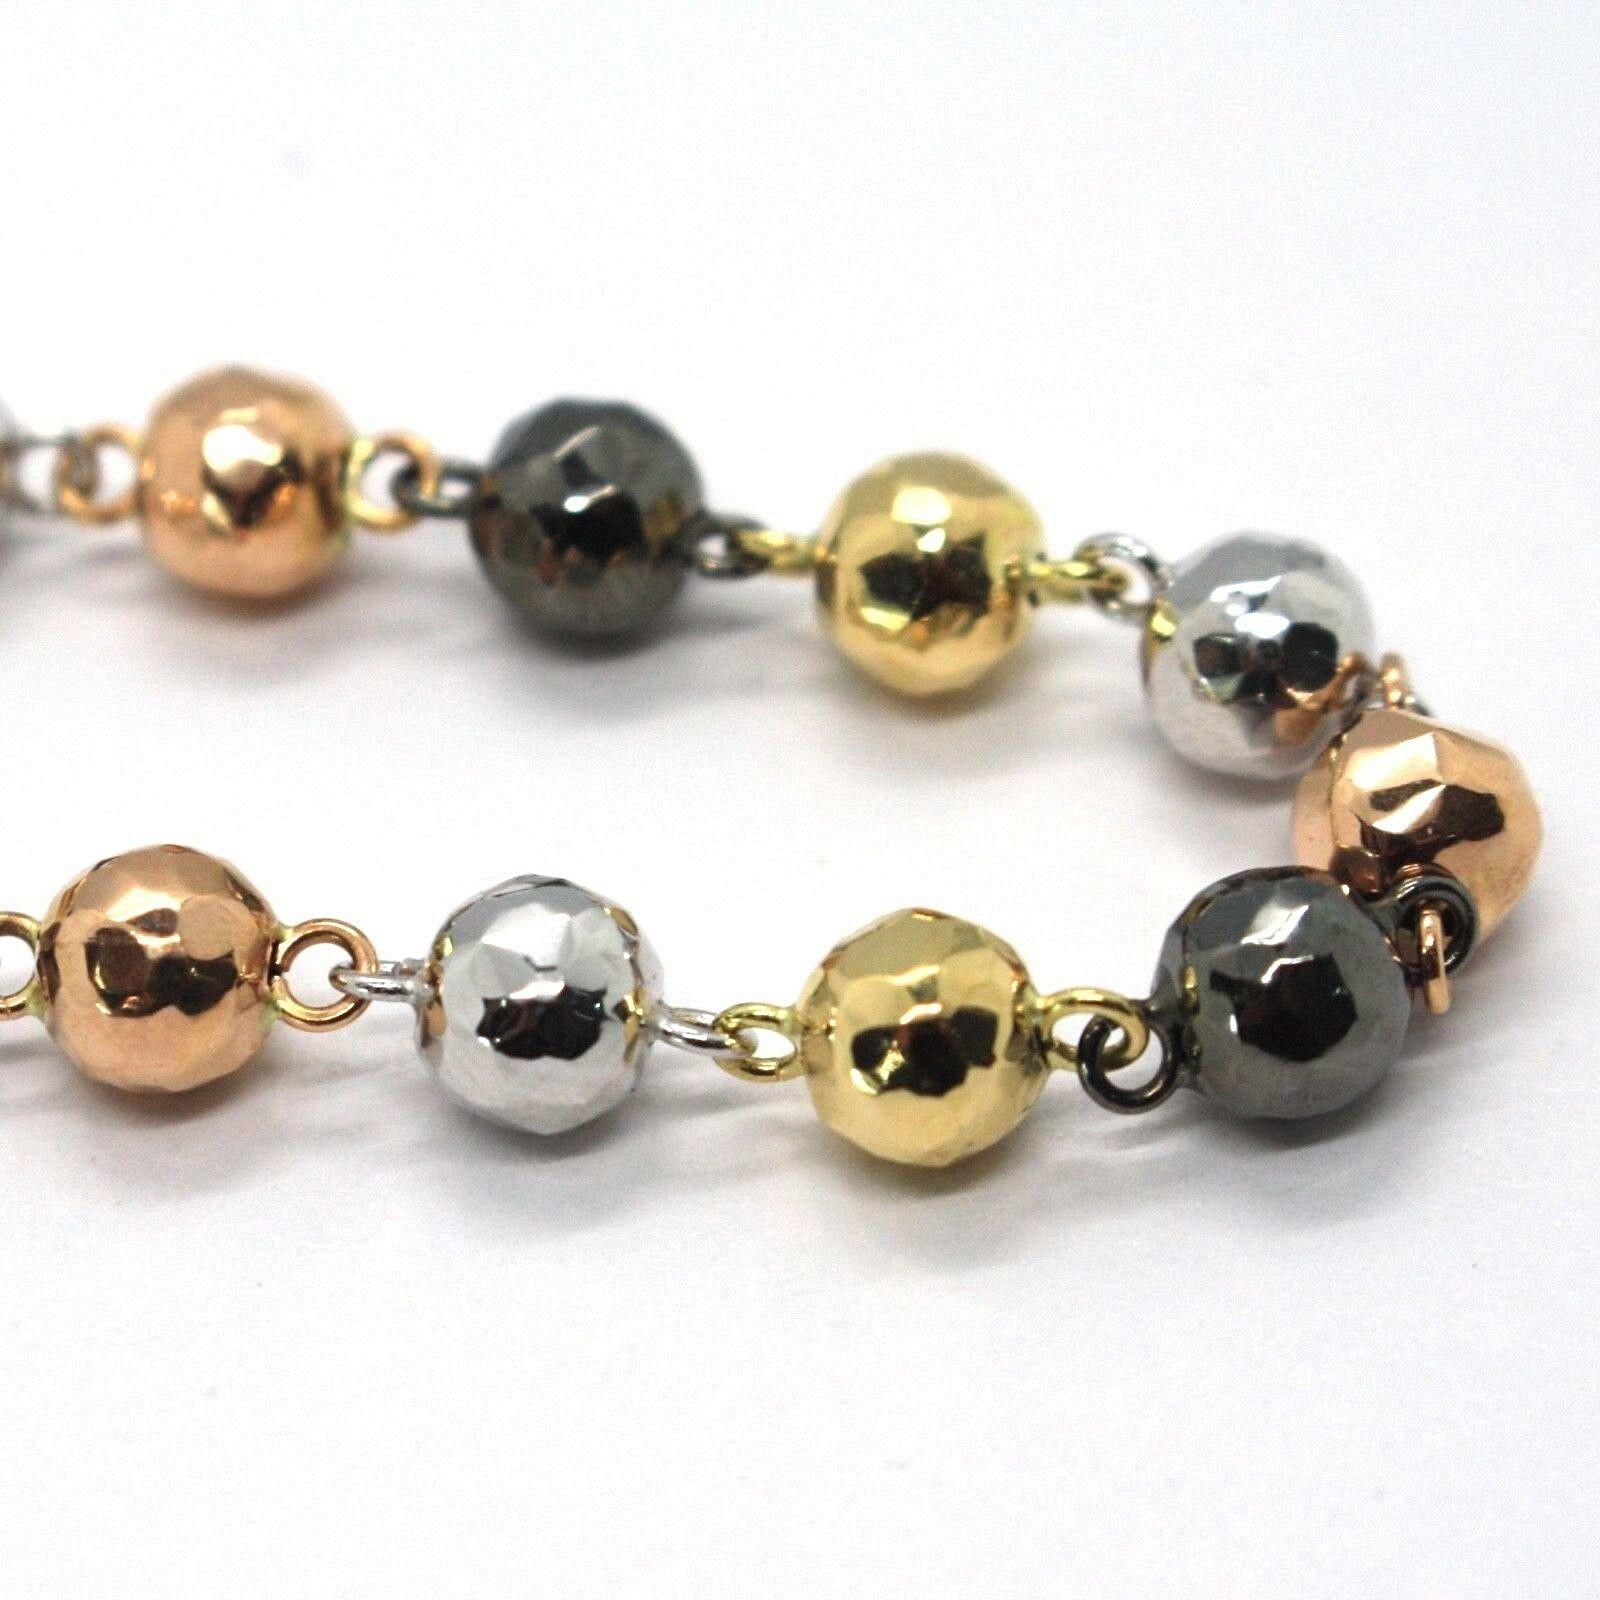 Gold Bracelet Yellow White Pink Black 18K 750, Spheres Alternate and Enhanced